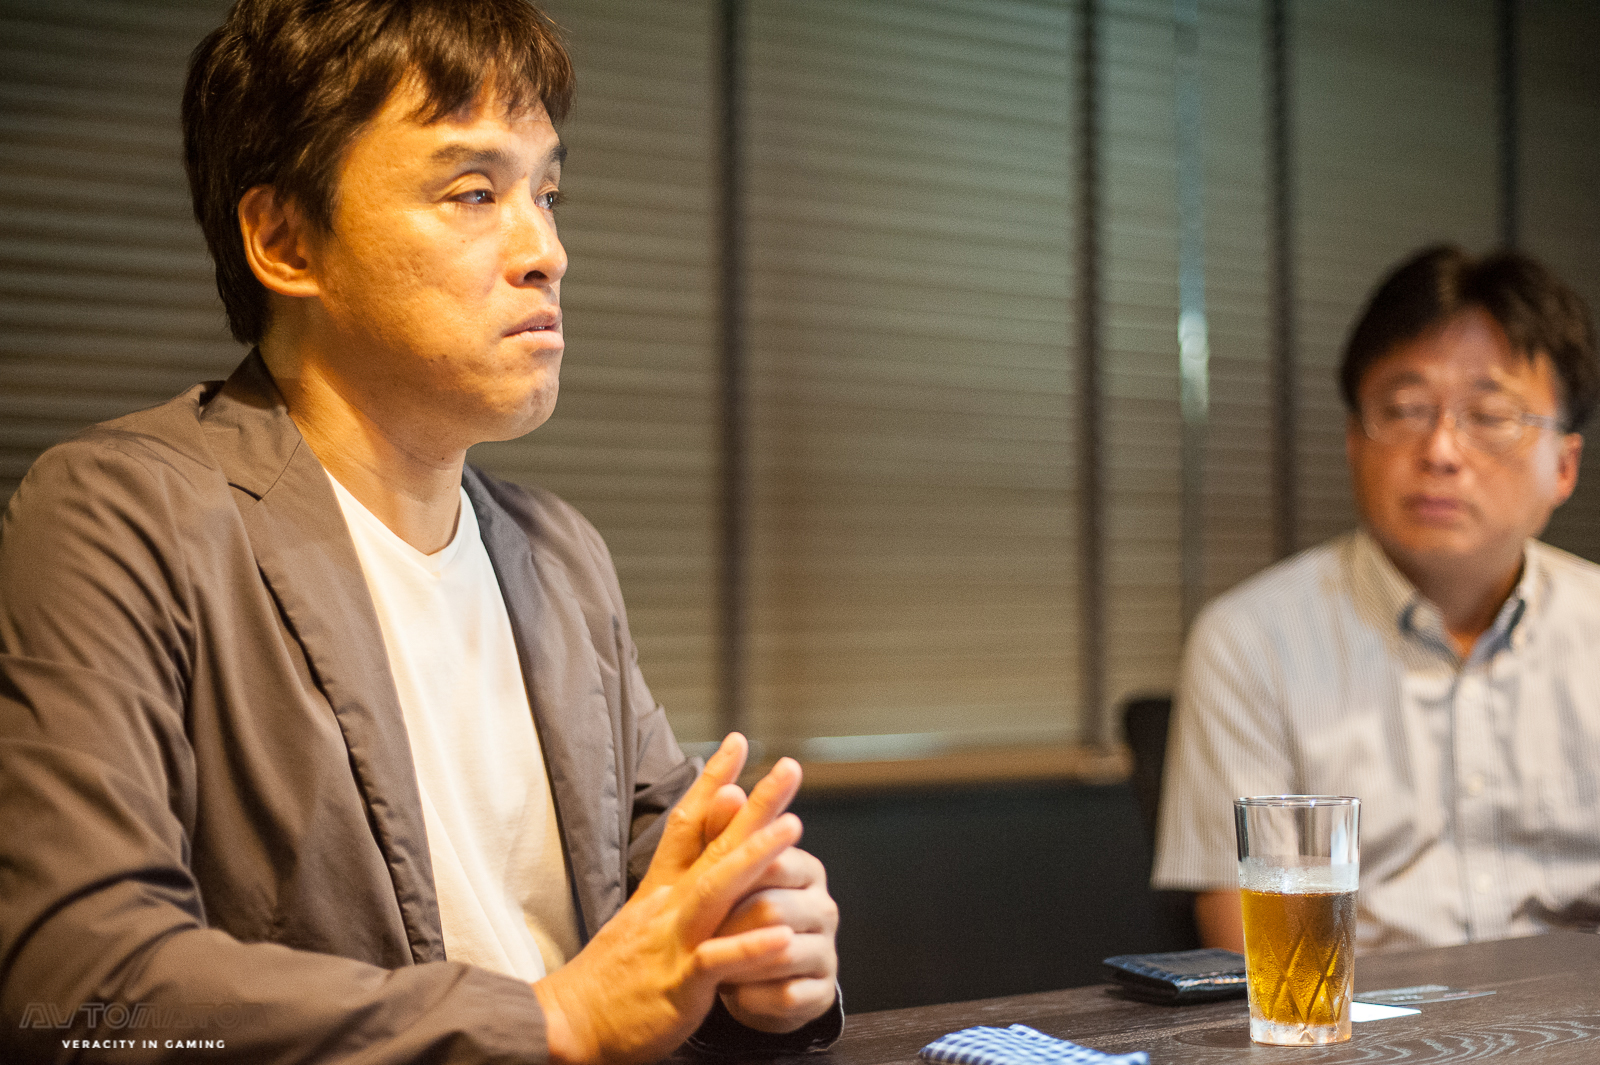 中村光一氏: 現スパイク・チュンソフト代表取締役会長。1984年にチュンソフトを中西氏らと立ち上げ、以降『ドラゴンクエスト』『かまいたちの夜』『不思議のダンジョン』など数々の名作を生み出してきた。